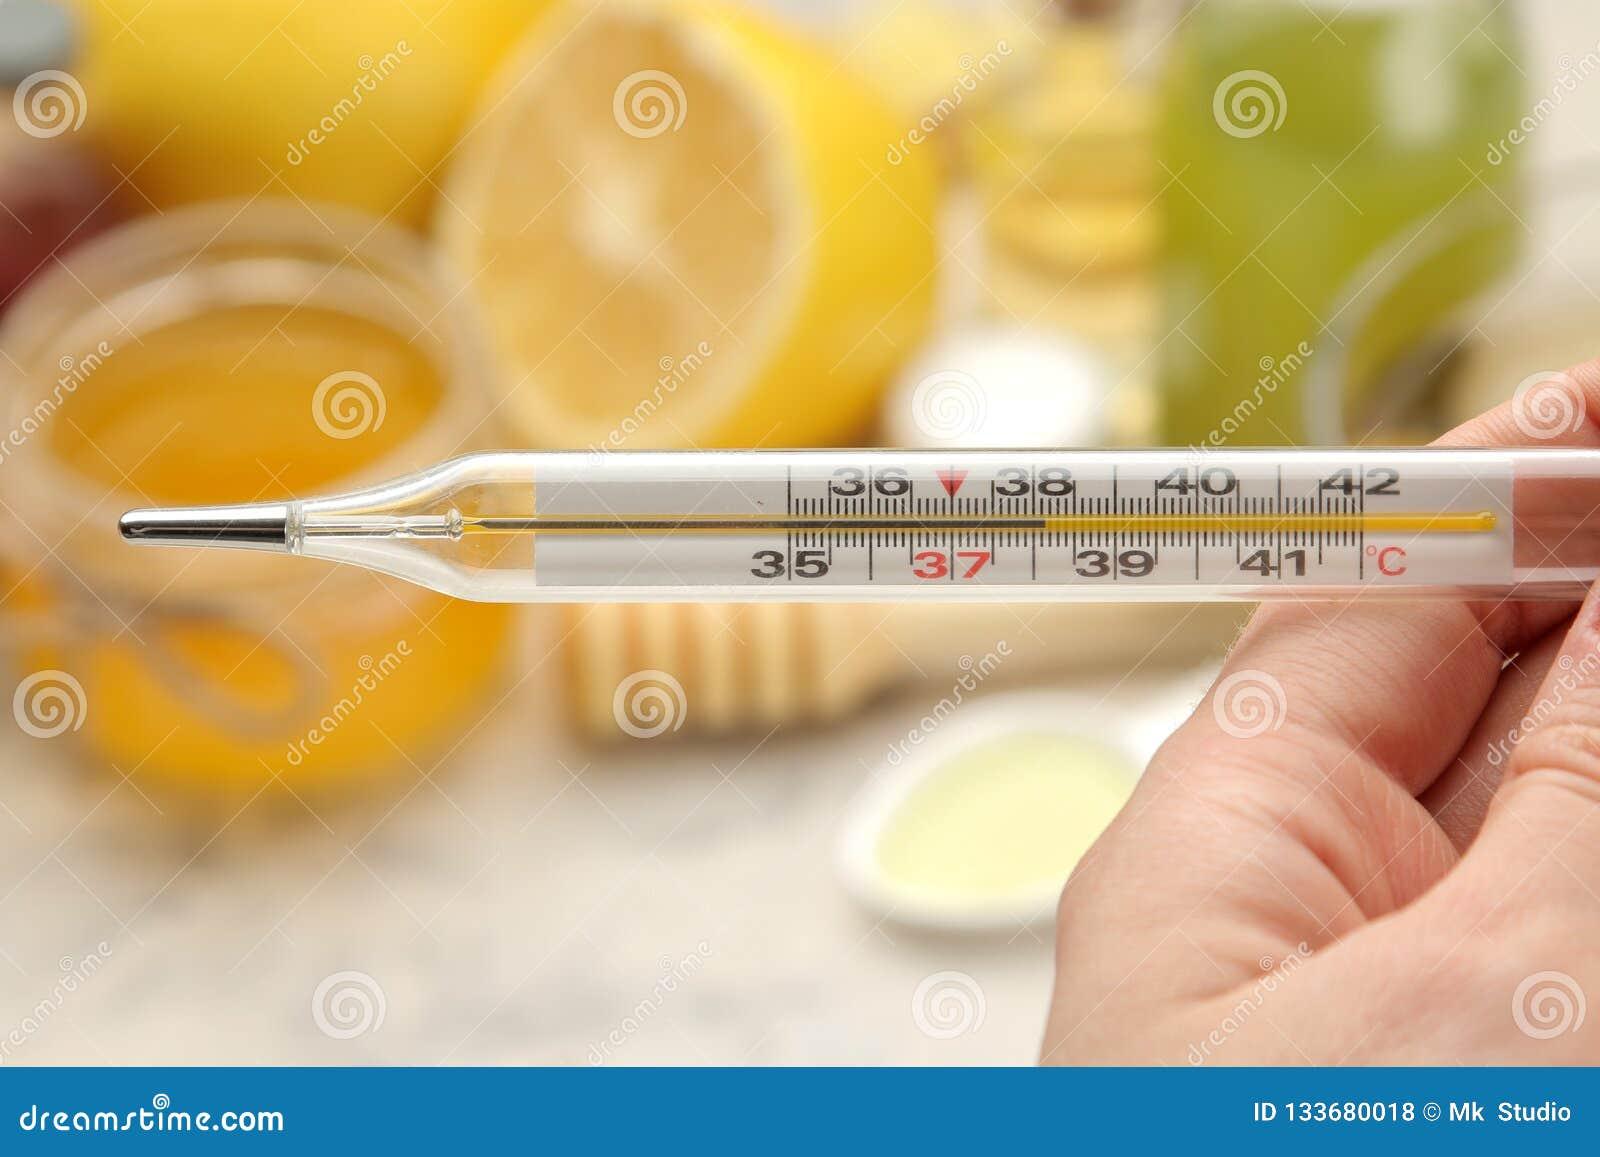 Termometru Kru różnorodne medycyny dla grypy i zimna remediów na białym drewnianym stole zimno choroby zimno grypa